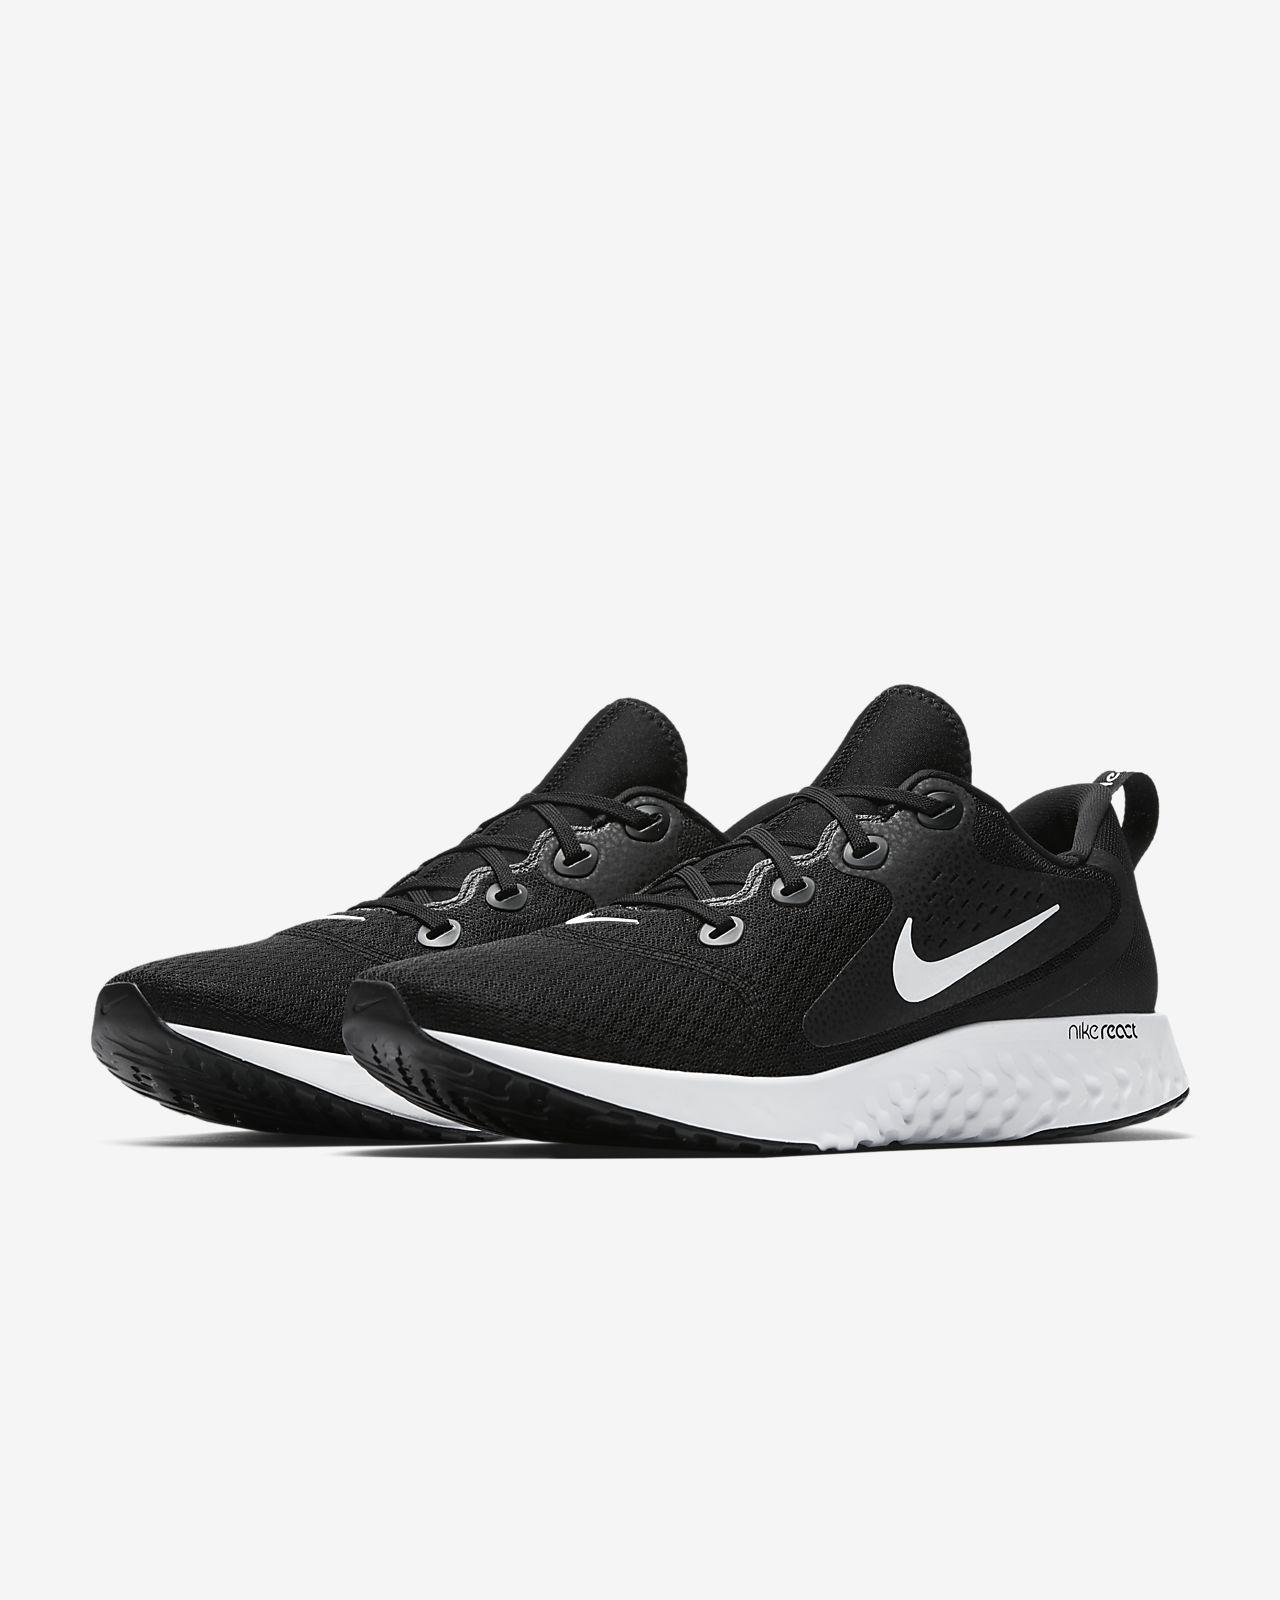 free shipping 7fe9a c1318 ... Löparsko Nike Legend React för män